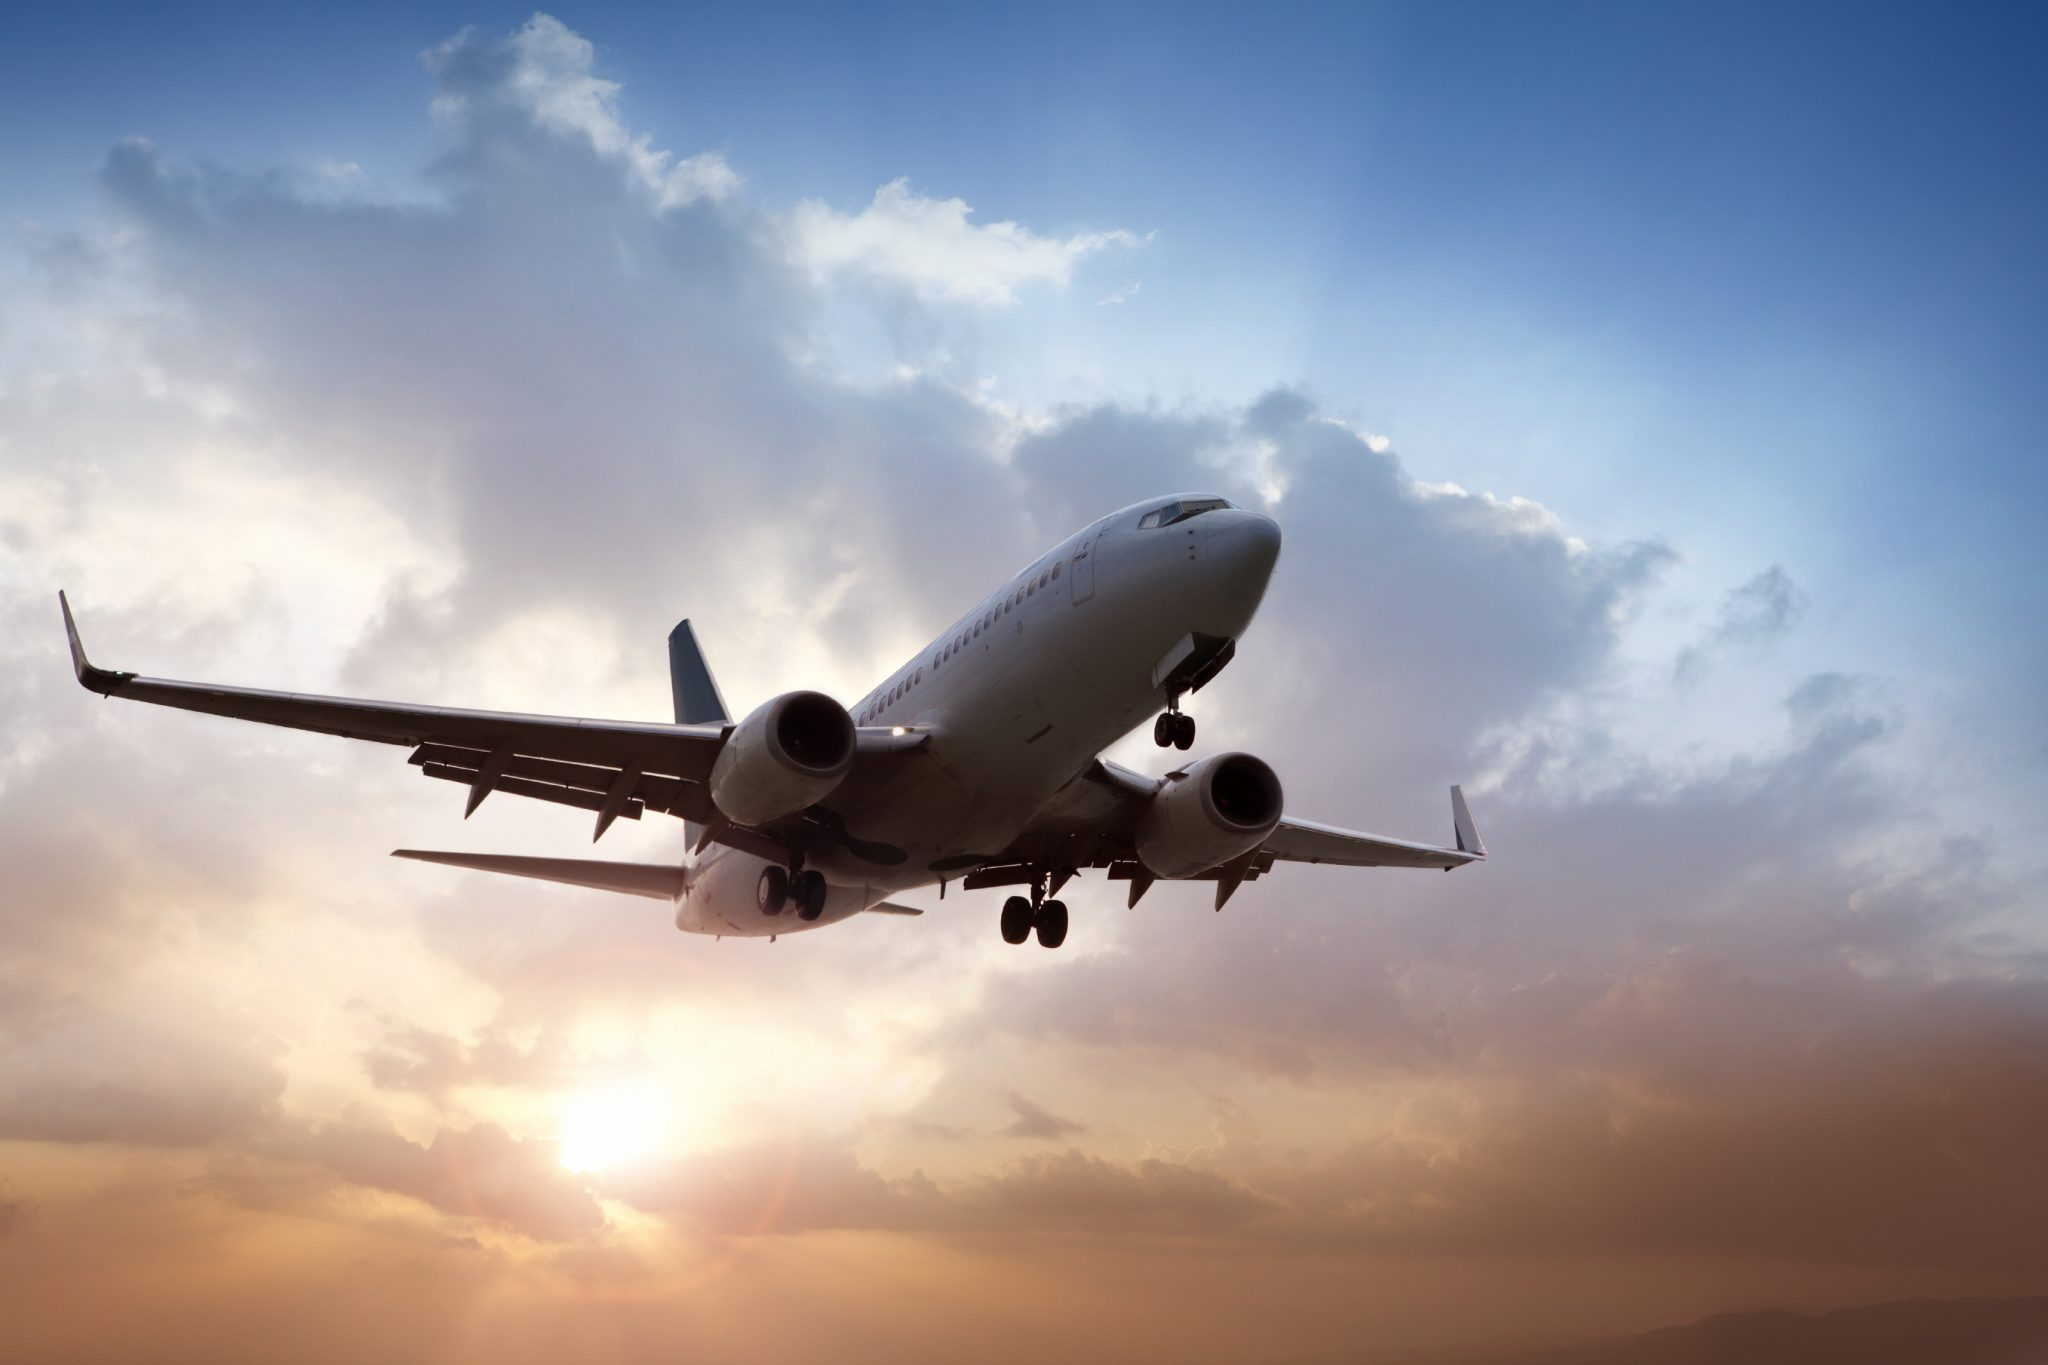 Air Plane Packair Airfreight Inc